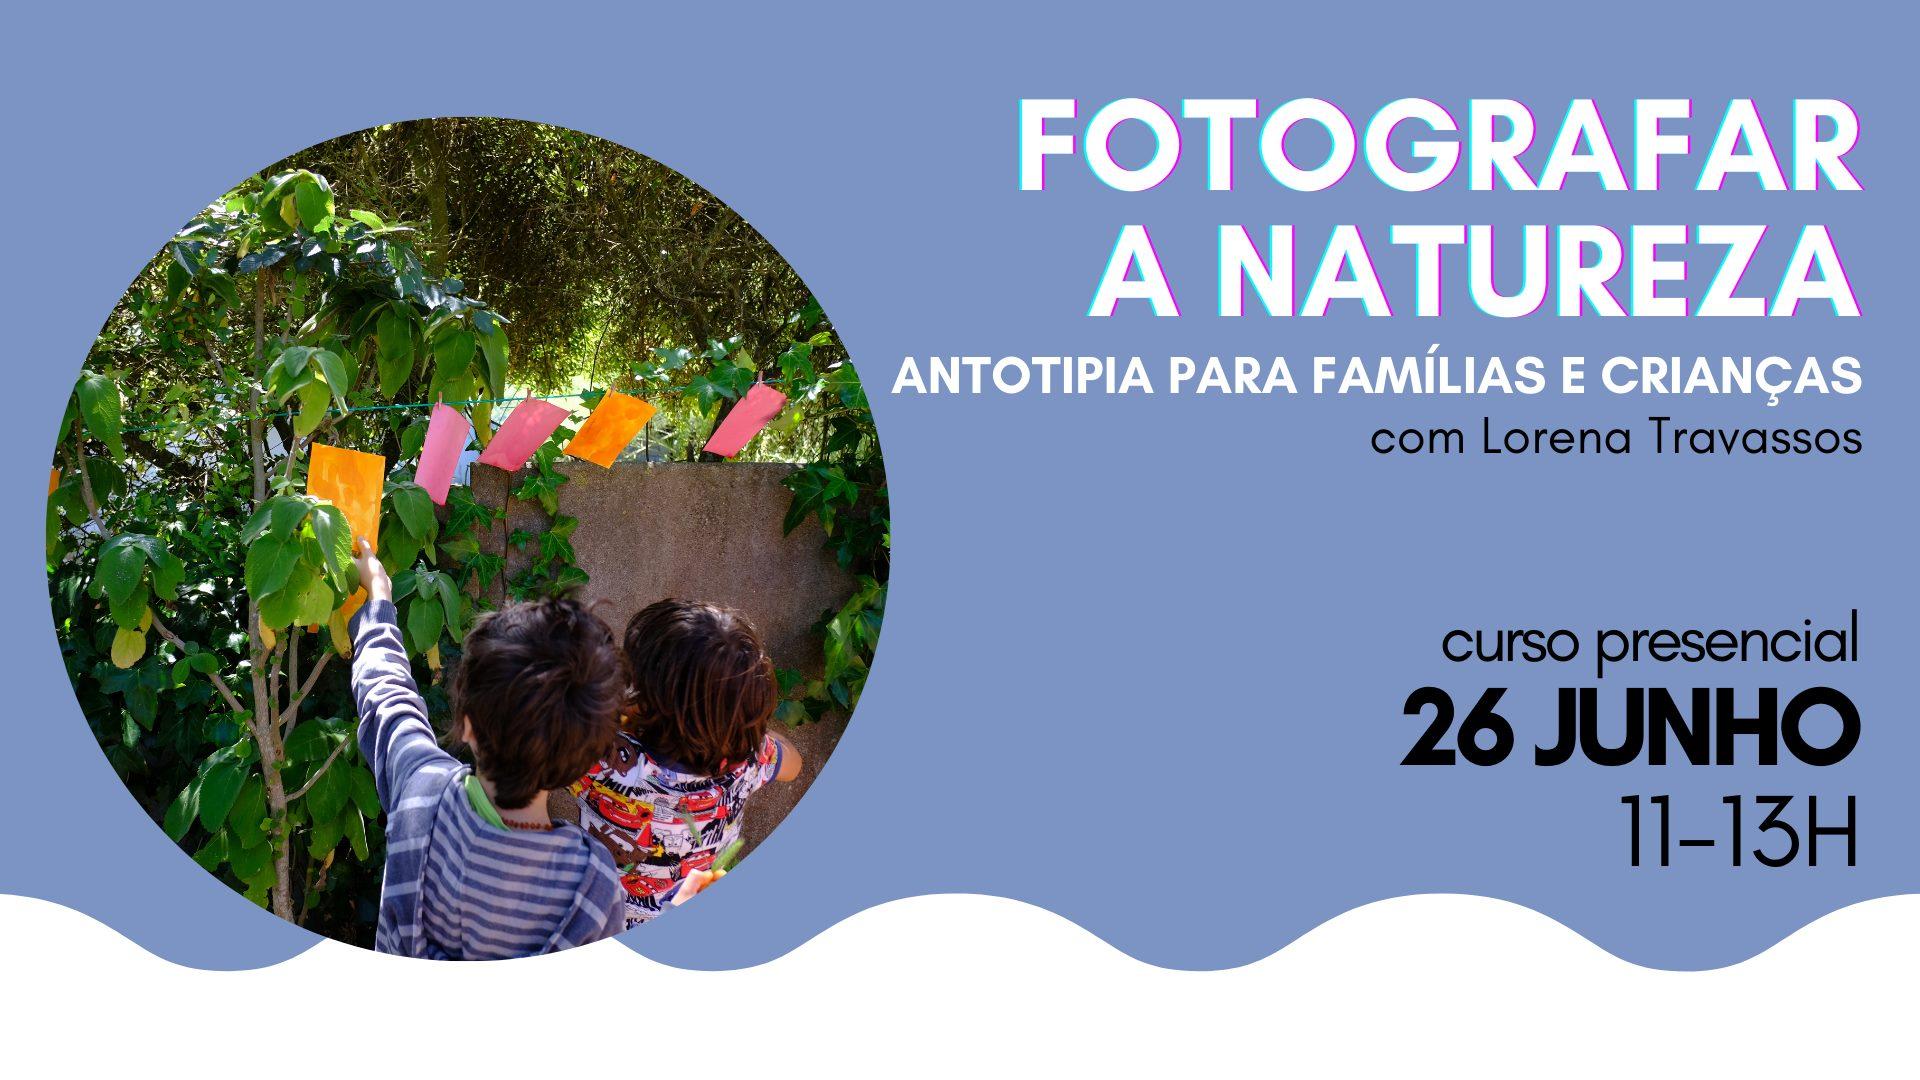 FOTOGRAFAR A NATUREZA | antotipia para famílias e crianças